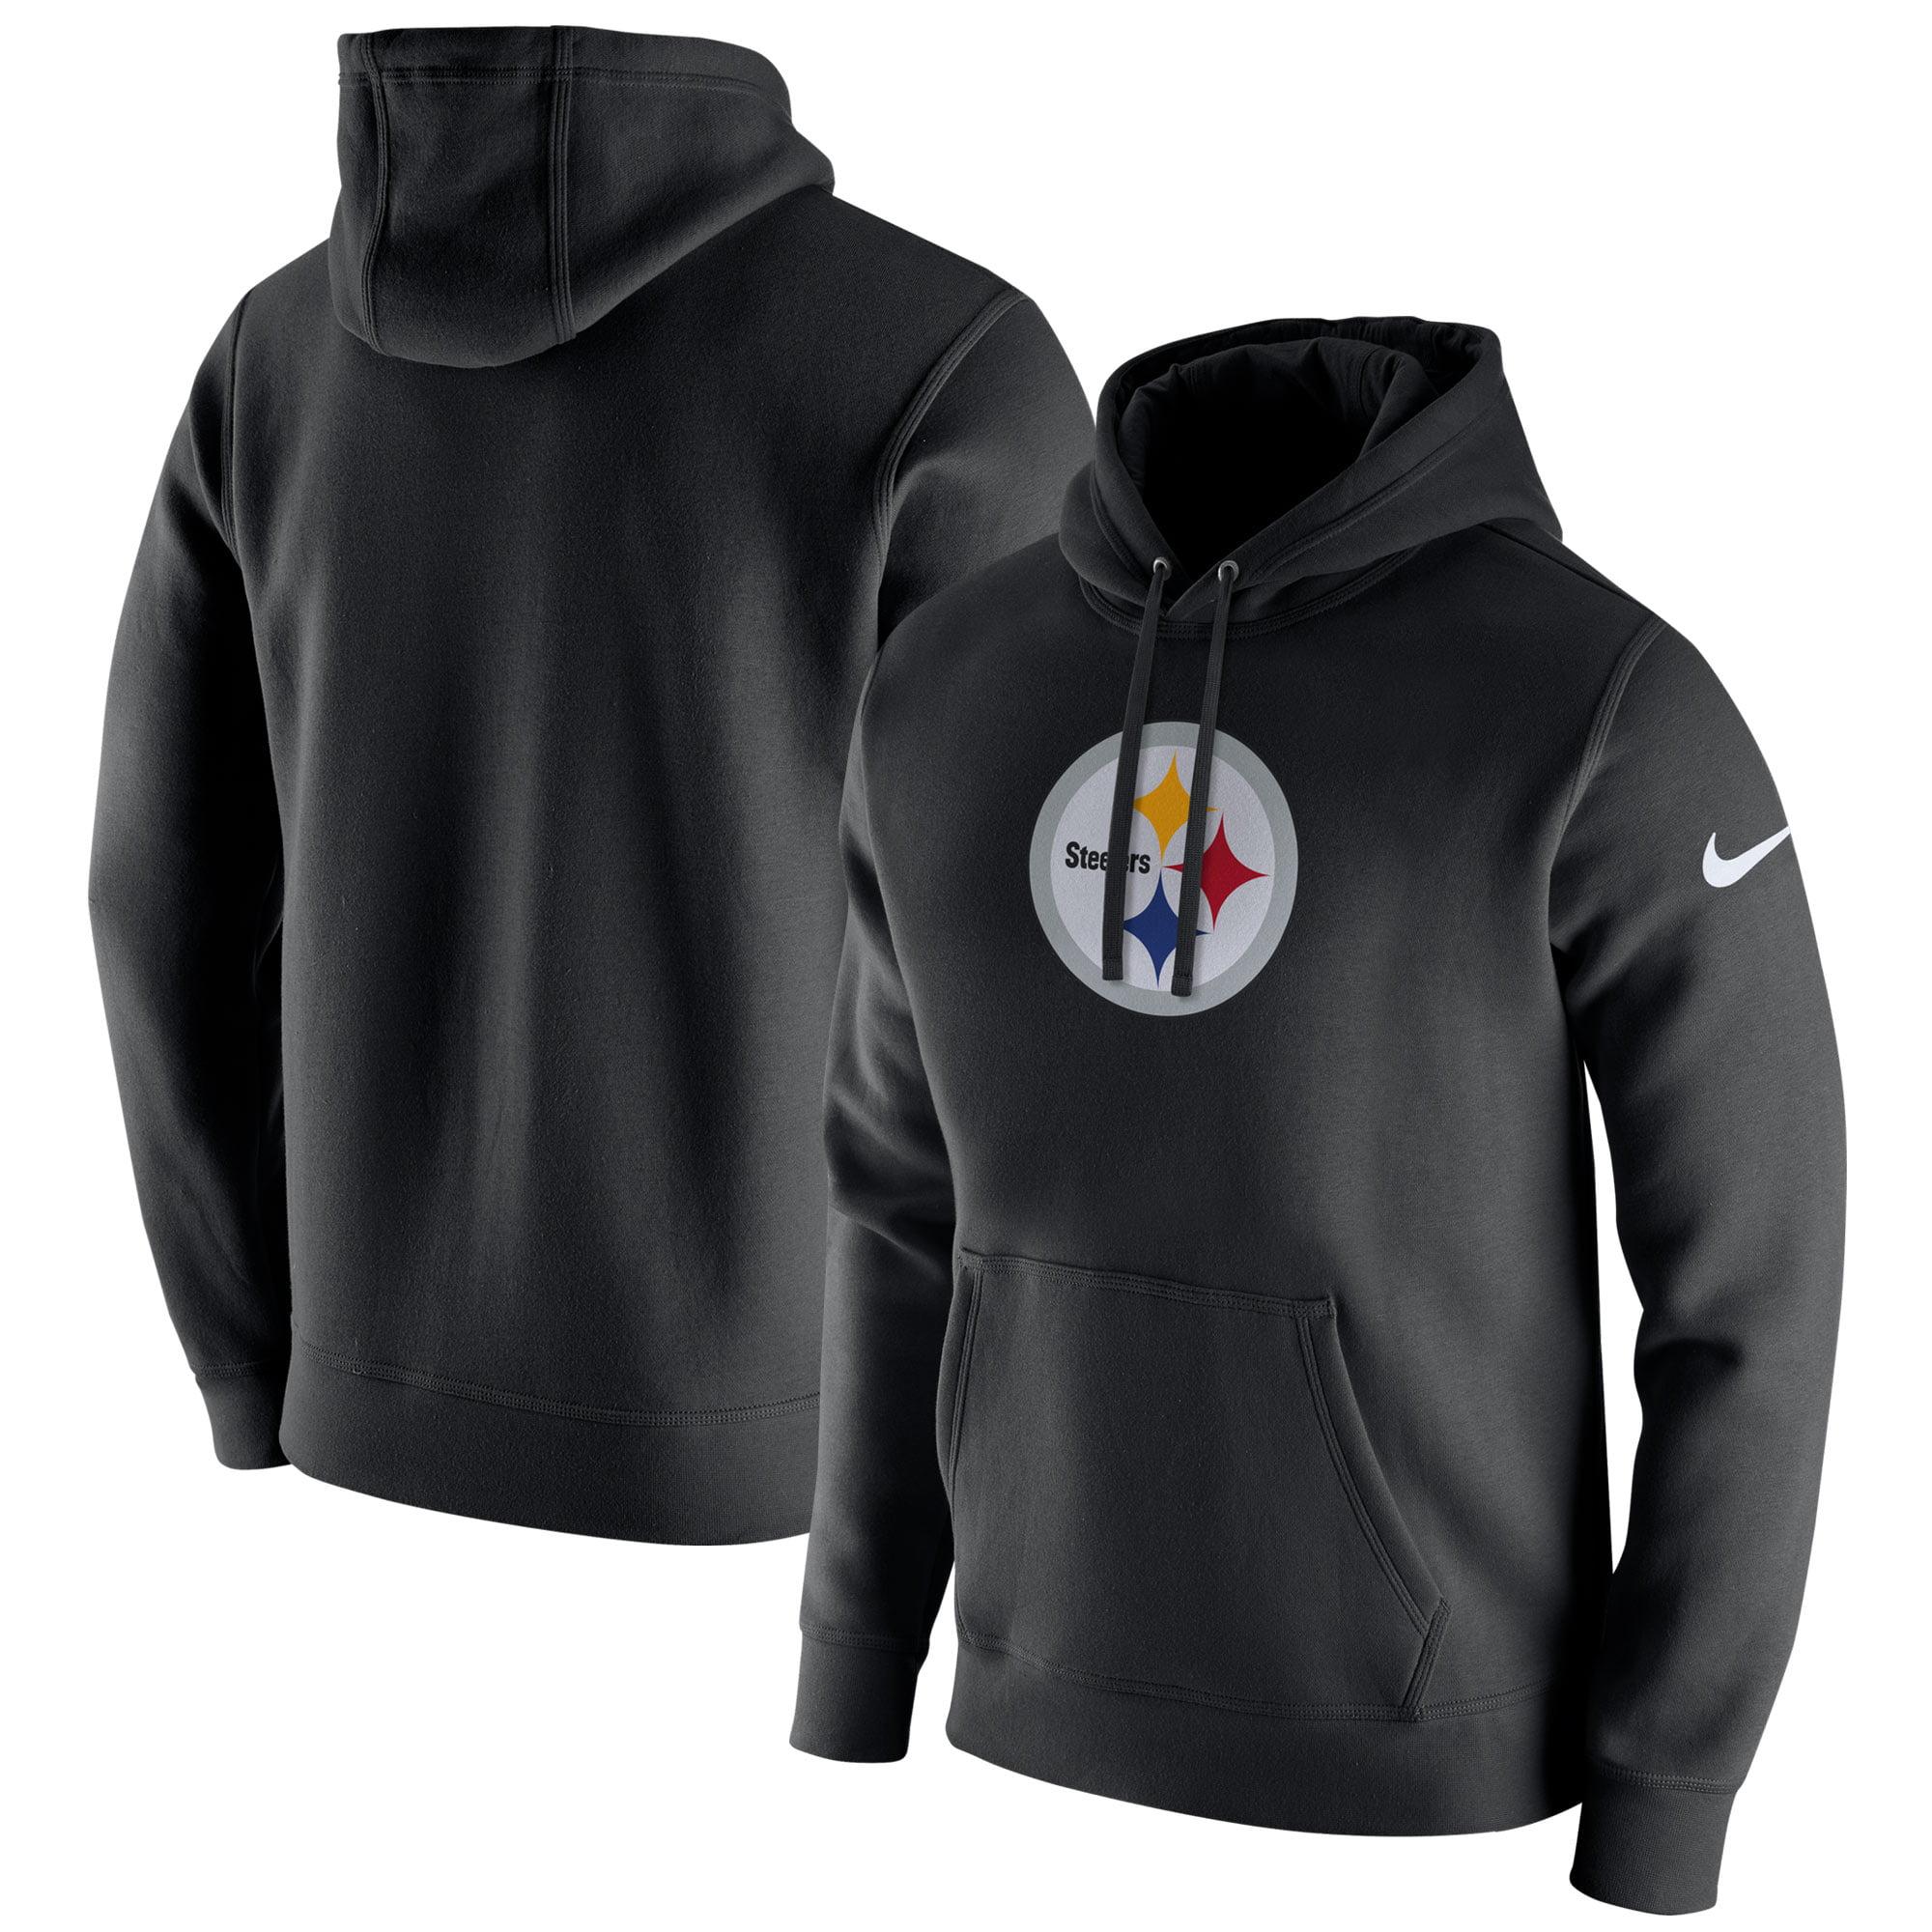 Pittsburgh Steelers Nike Club Fleece Pullover Hoodie - Black